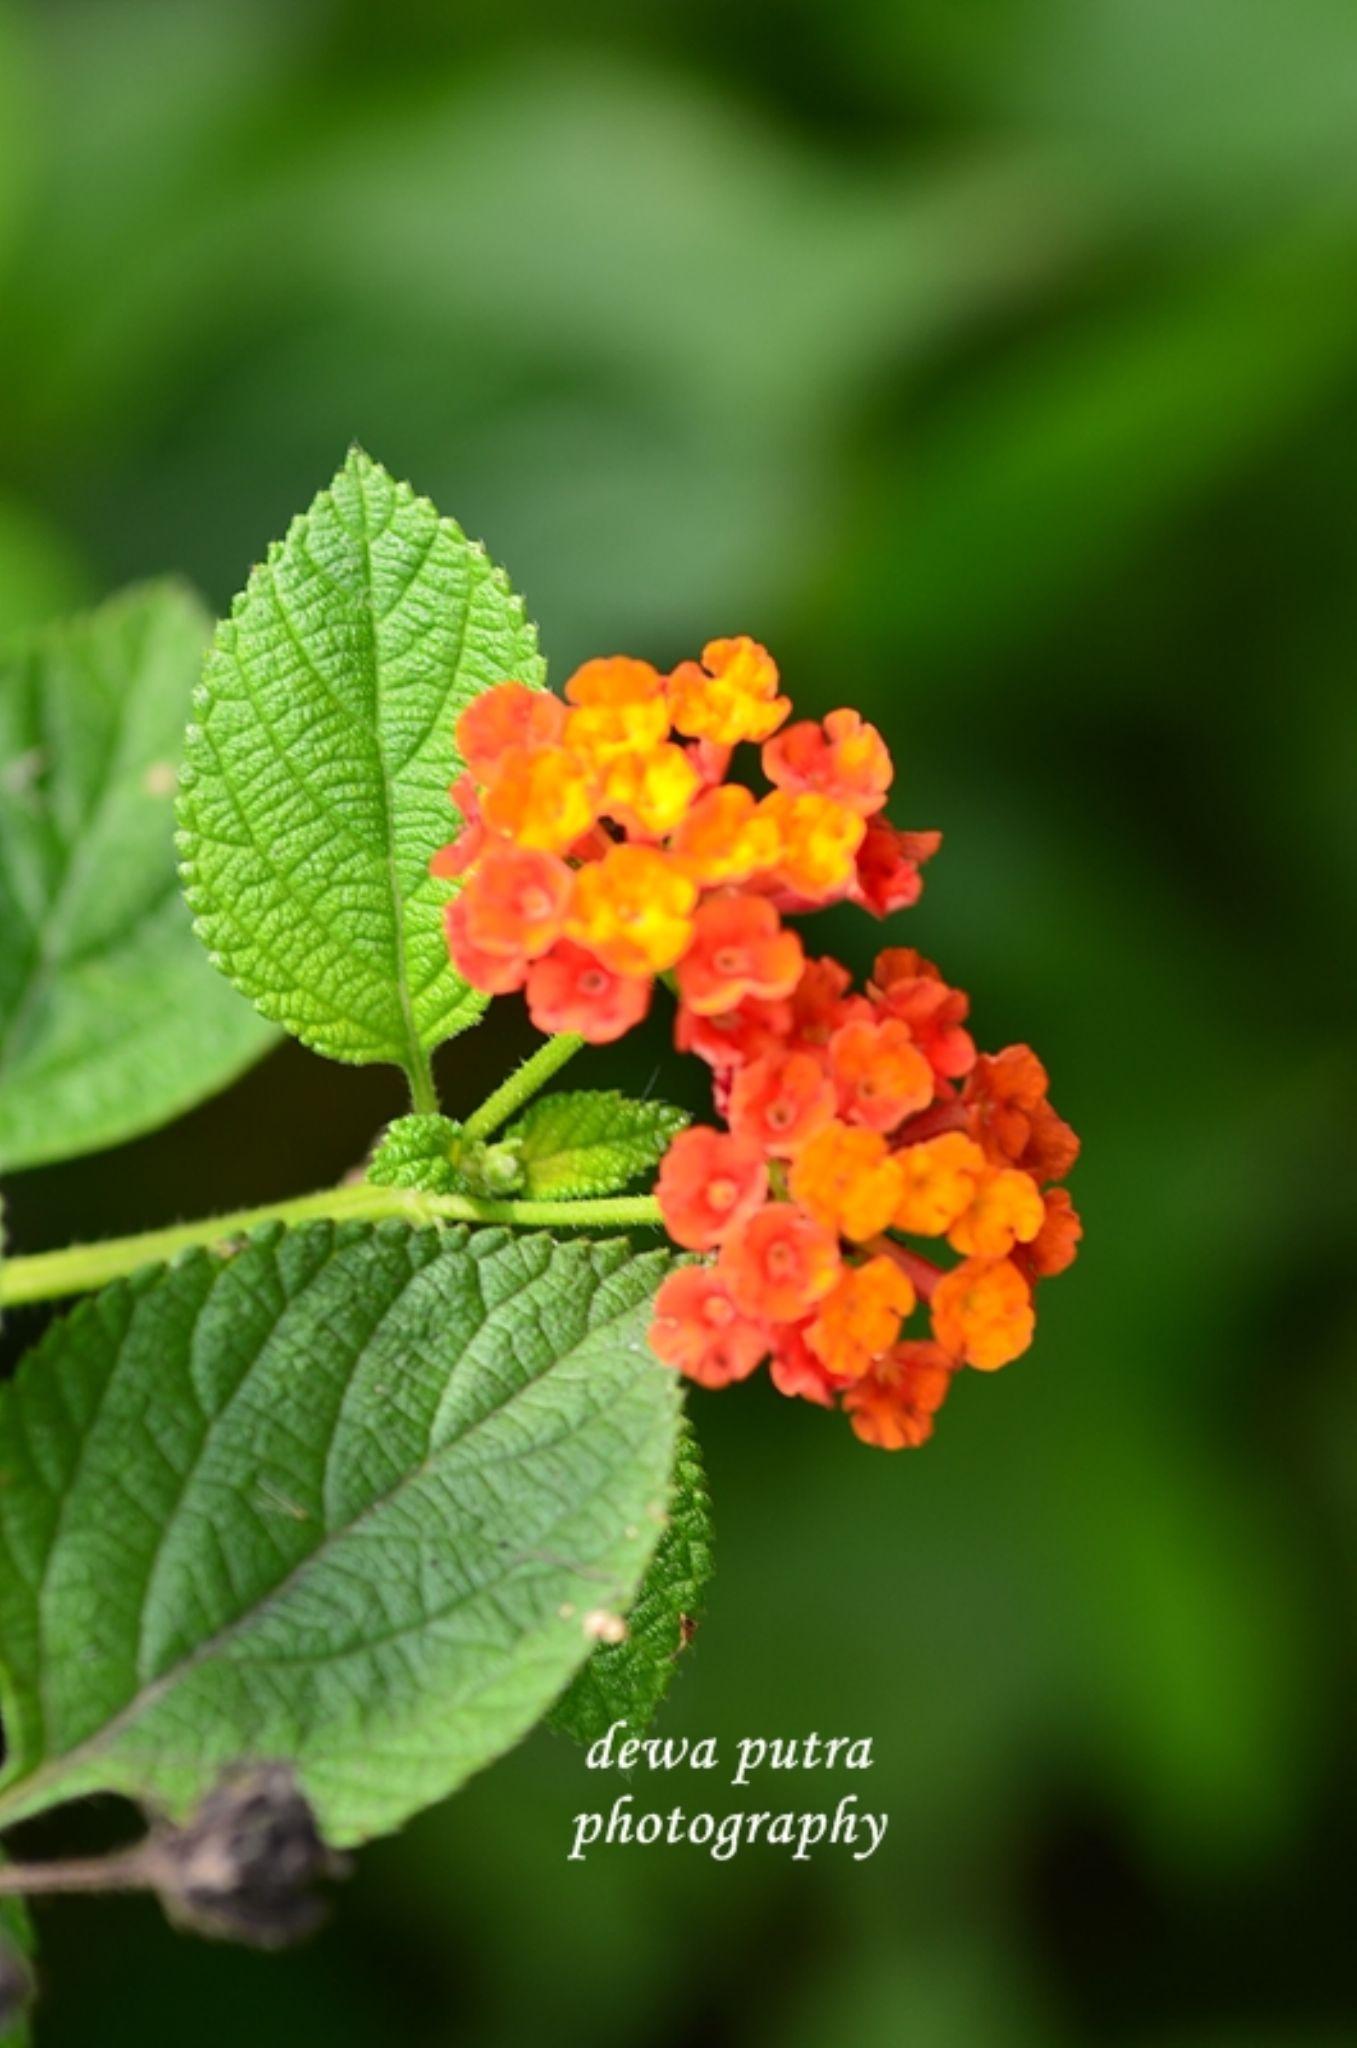 flower by dewaputra